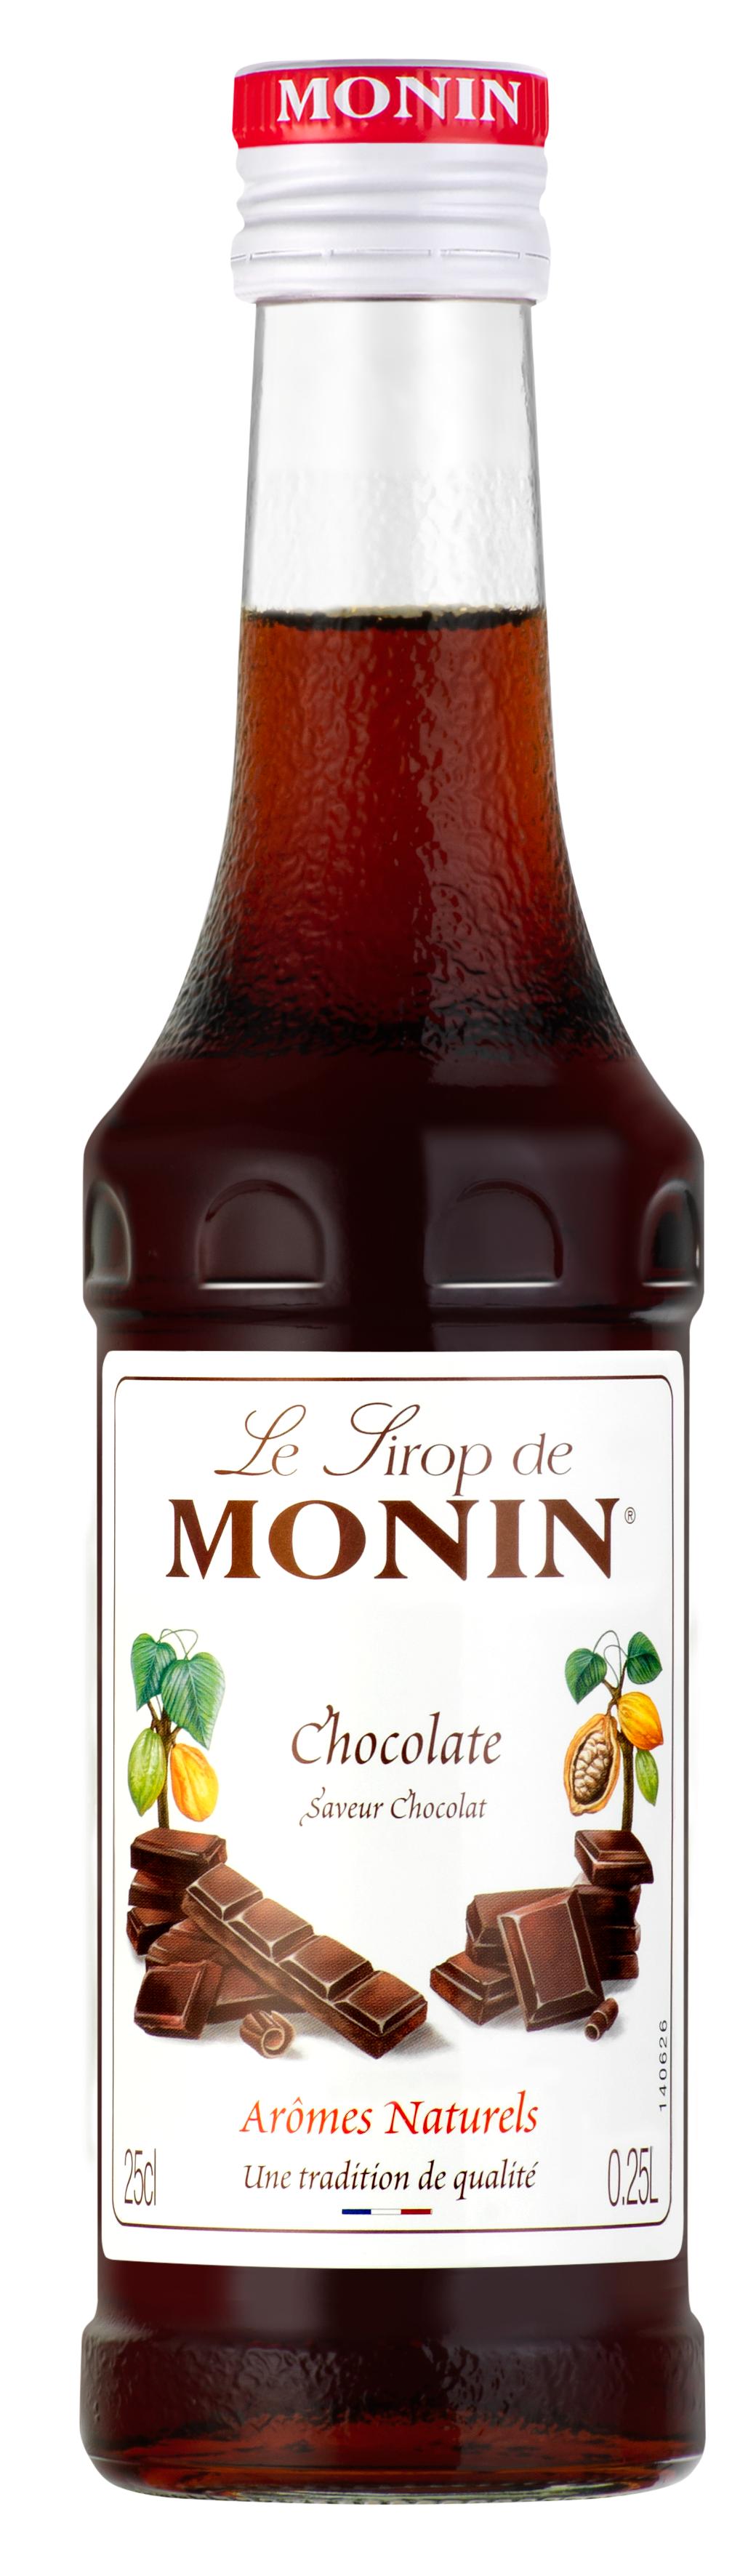 Sirop saveur Chocolat, Monin (25 cl)